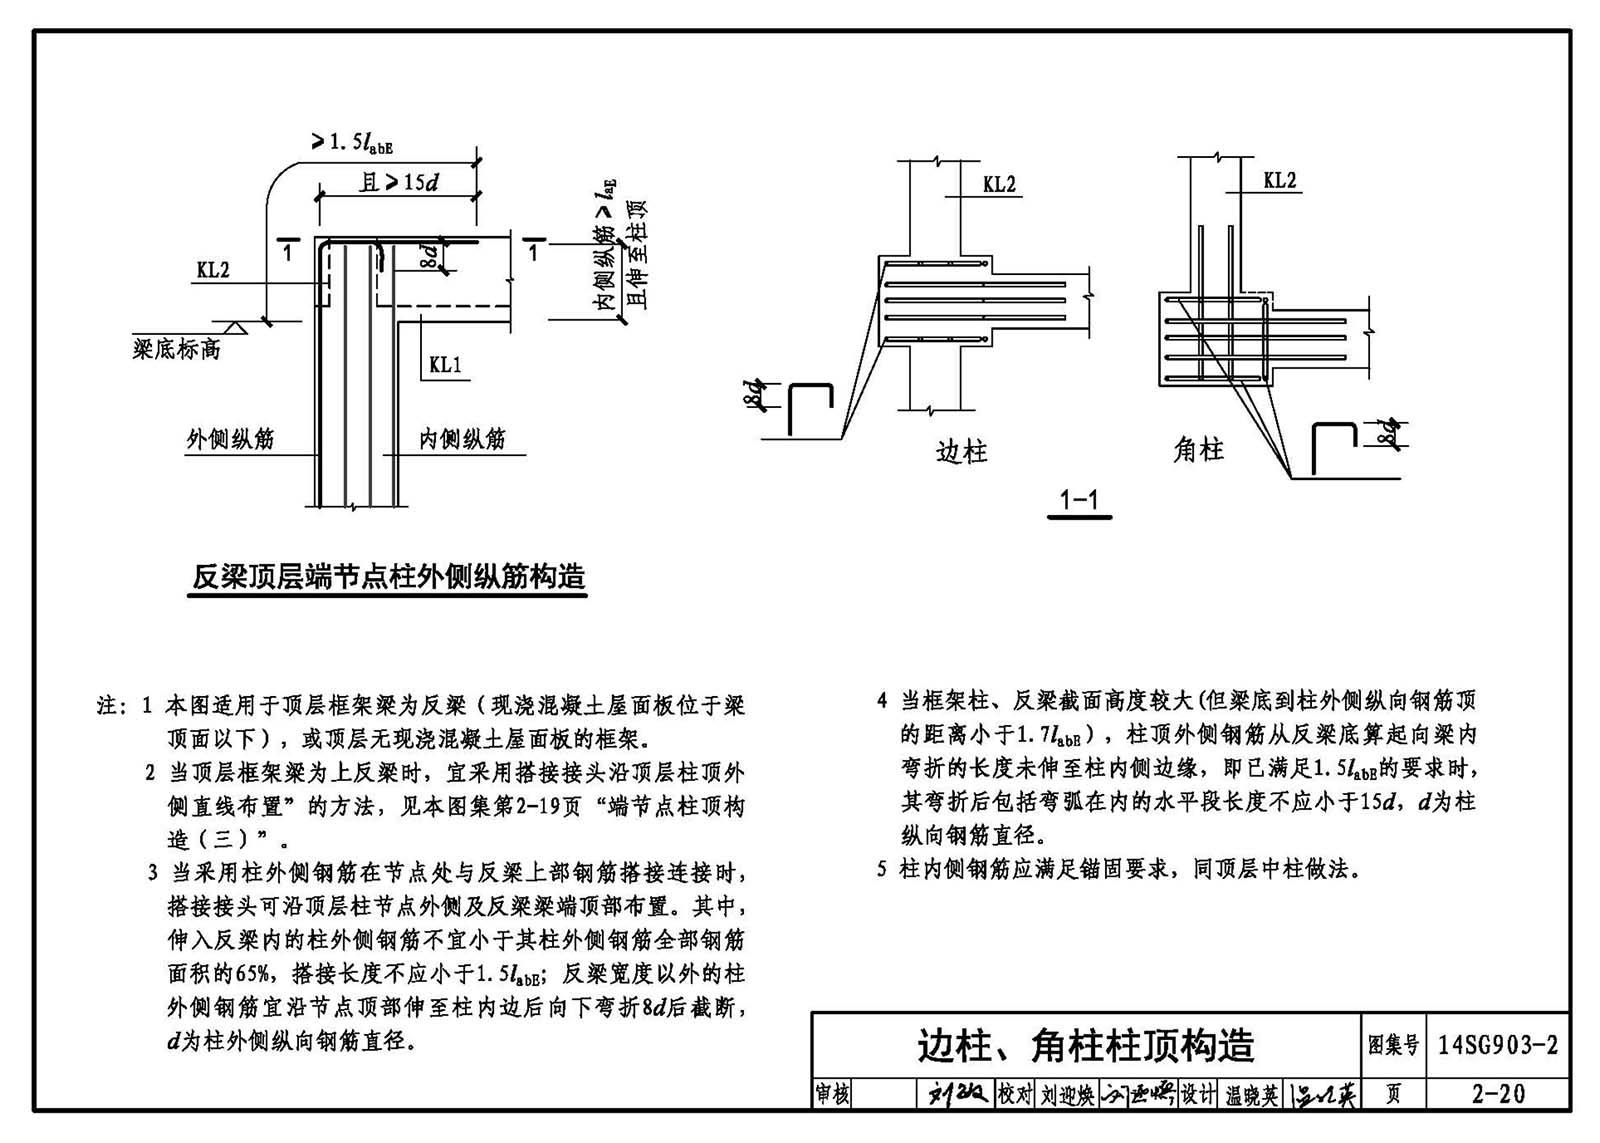 14sg903-2:混凝土结构常用施工详图(现浇混凝土框架